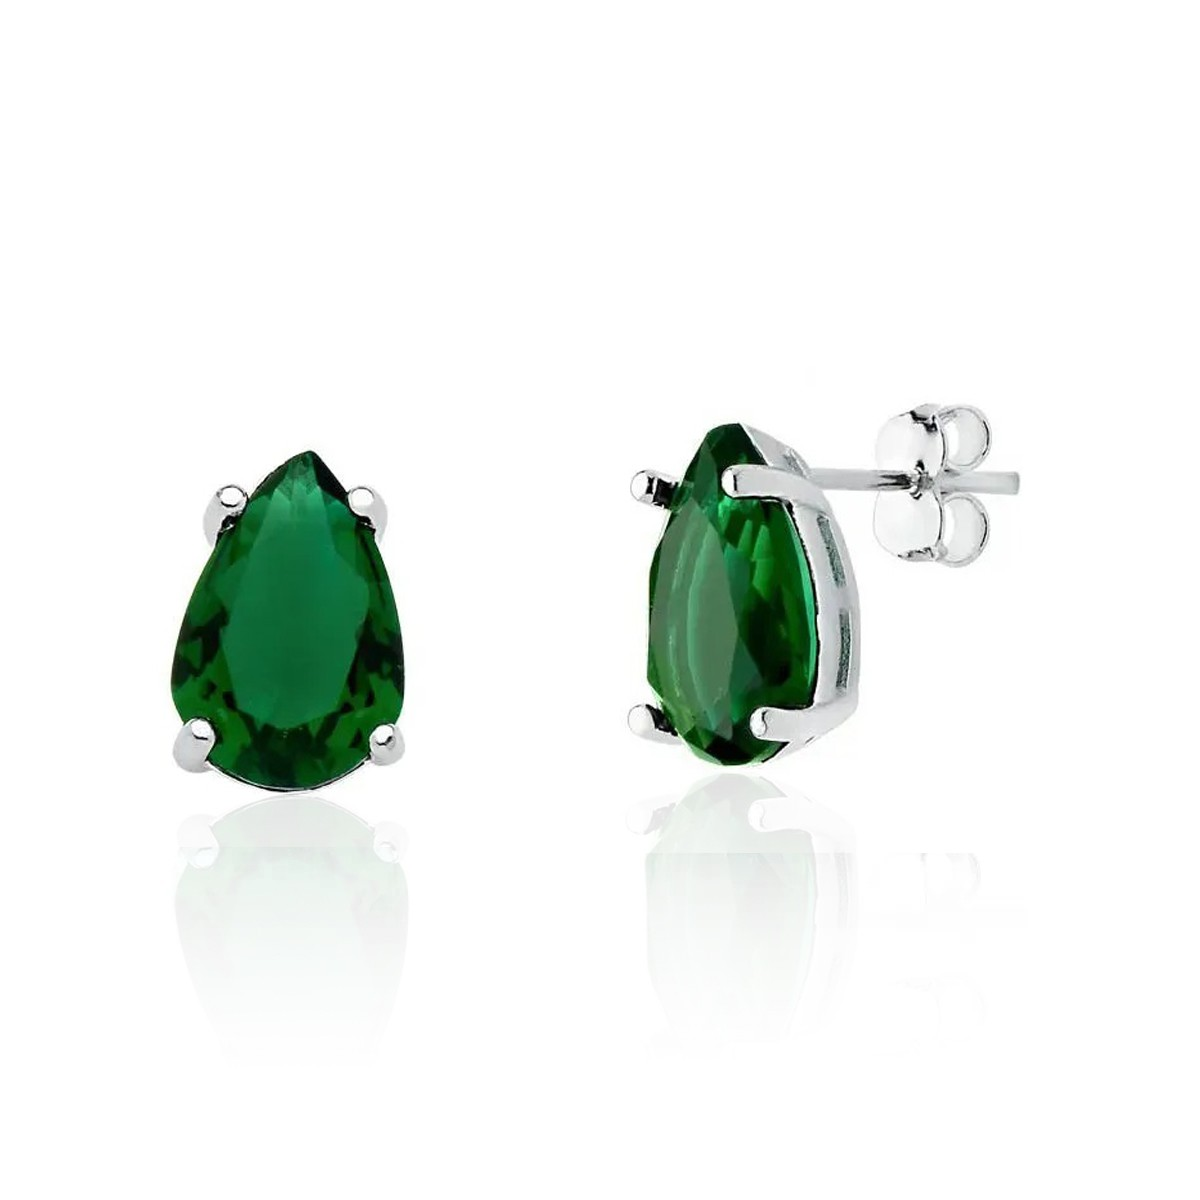 Brinco Gota Cristal Verde Escuro 12 MM